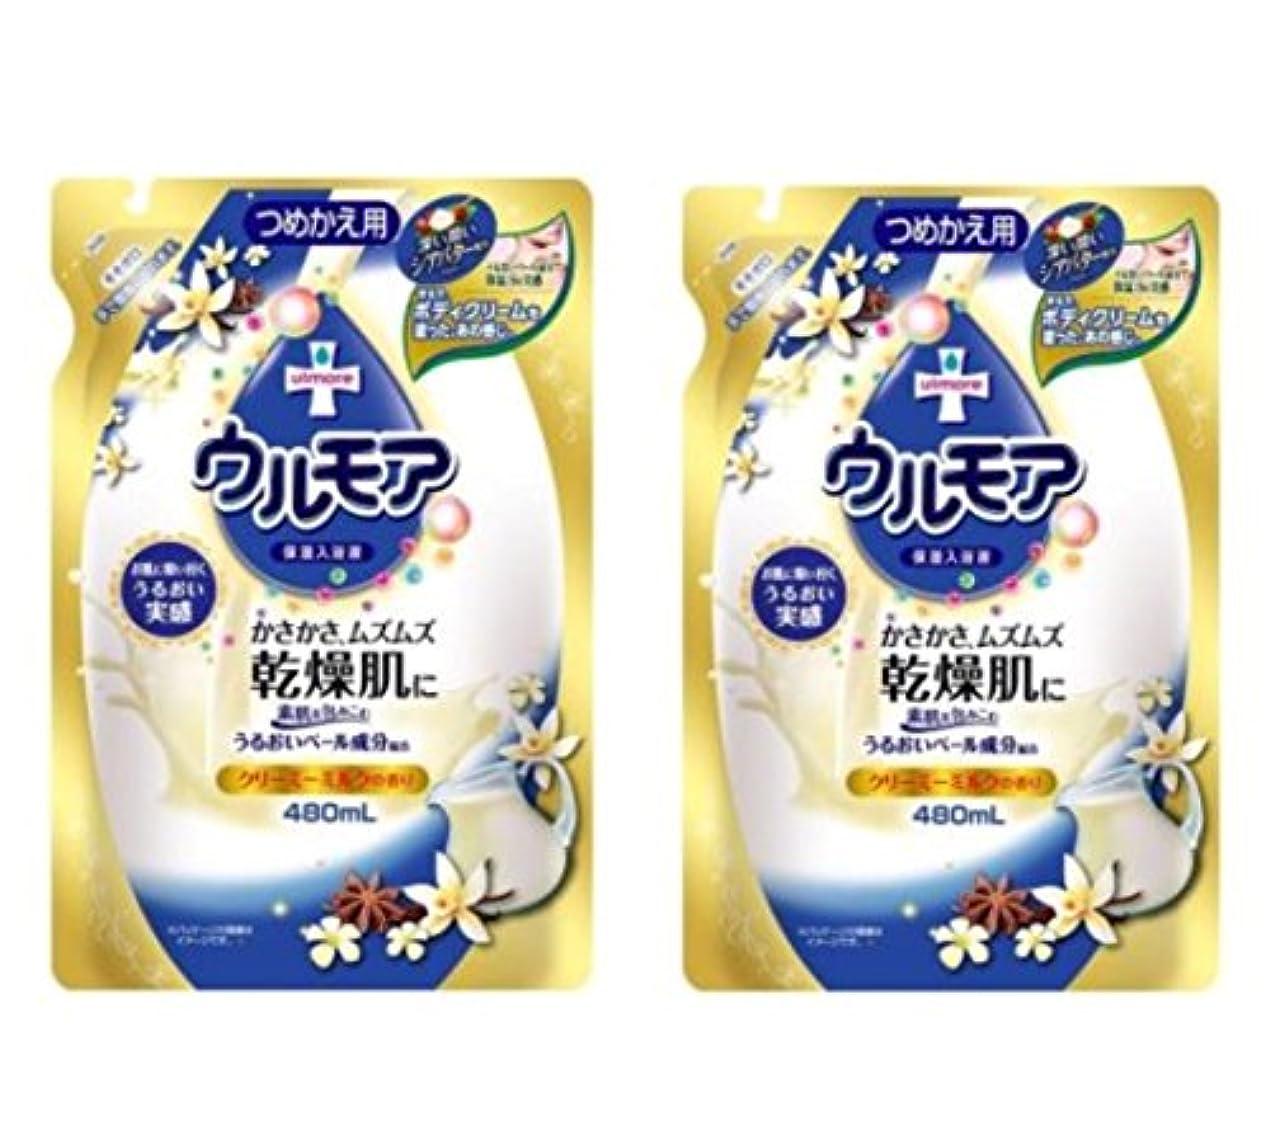 イヤホンイチゴ静かにアース製薬 保湿入浴液 ウルモア クリーミーミルク詰替 480ml×2個セット